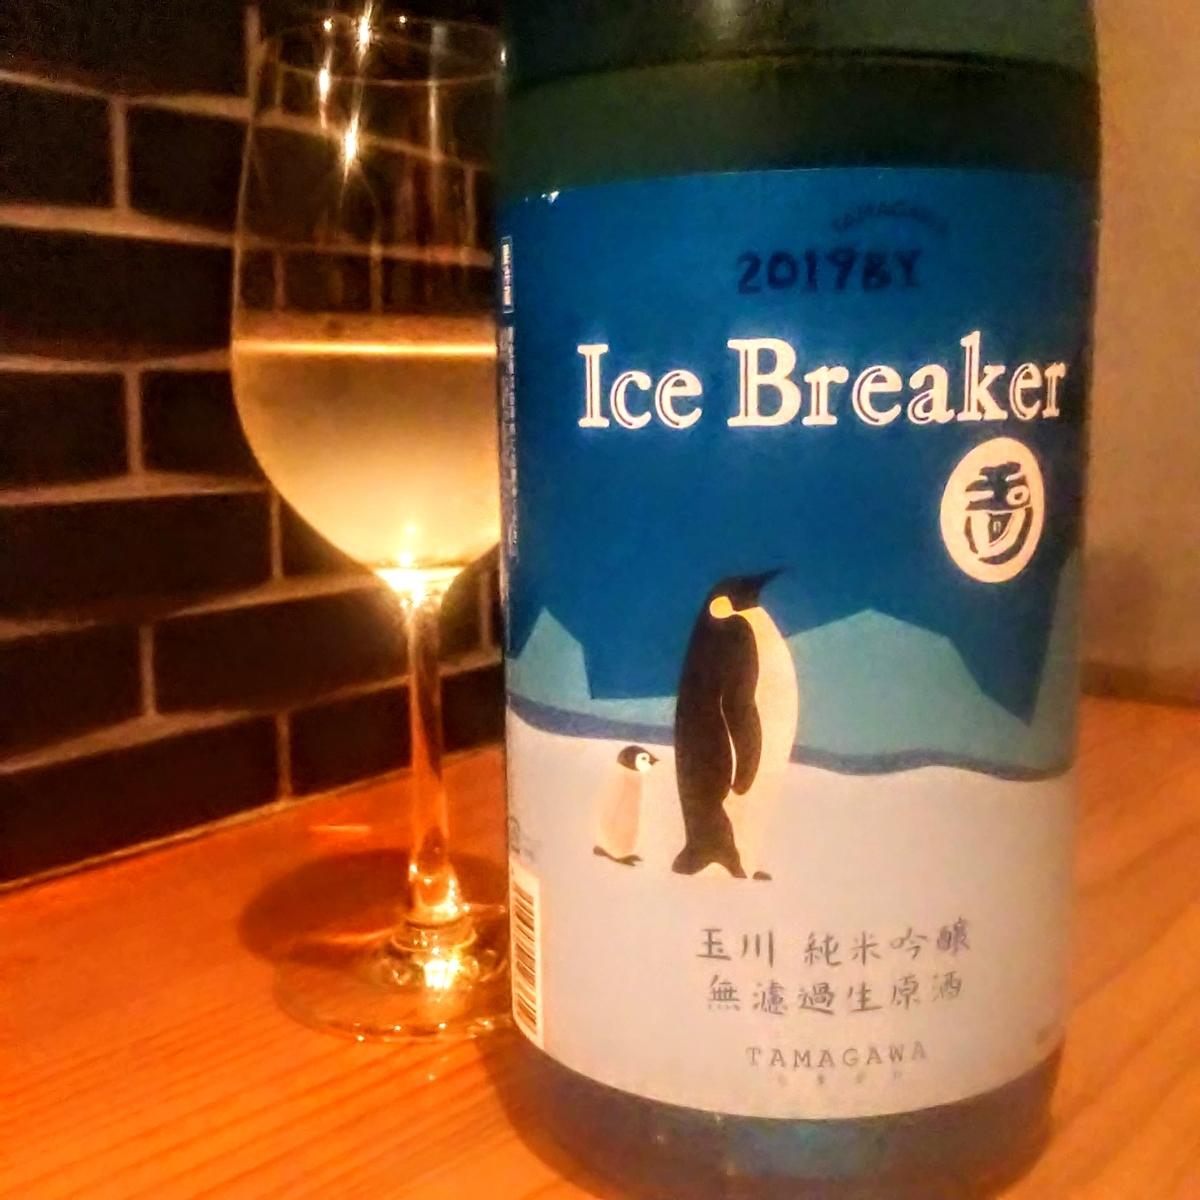 【玉川 純米吟醸無濾過生原酒 Ice Breaker】